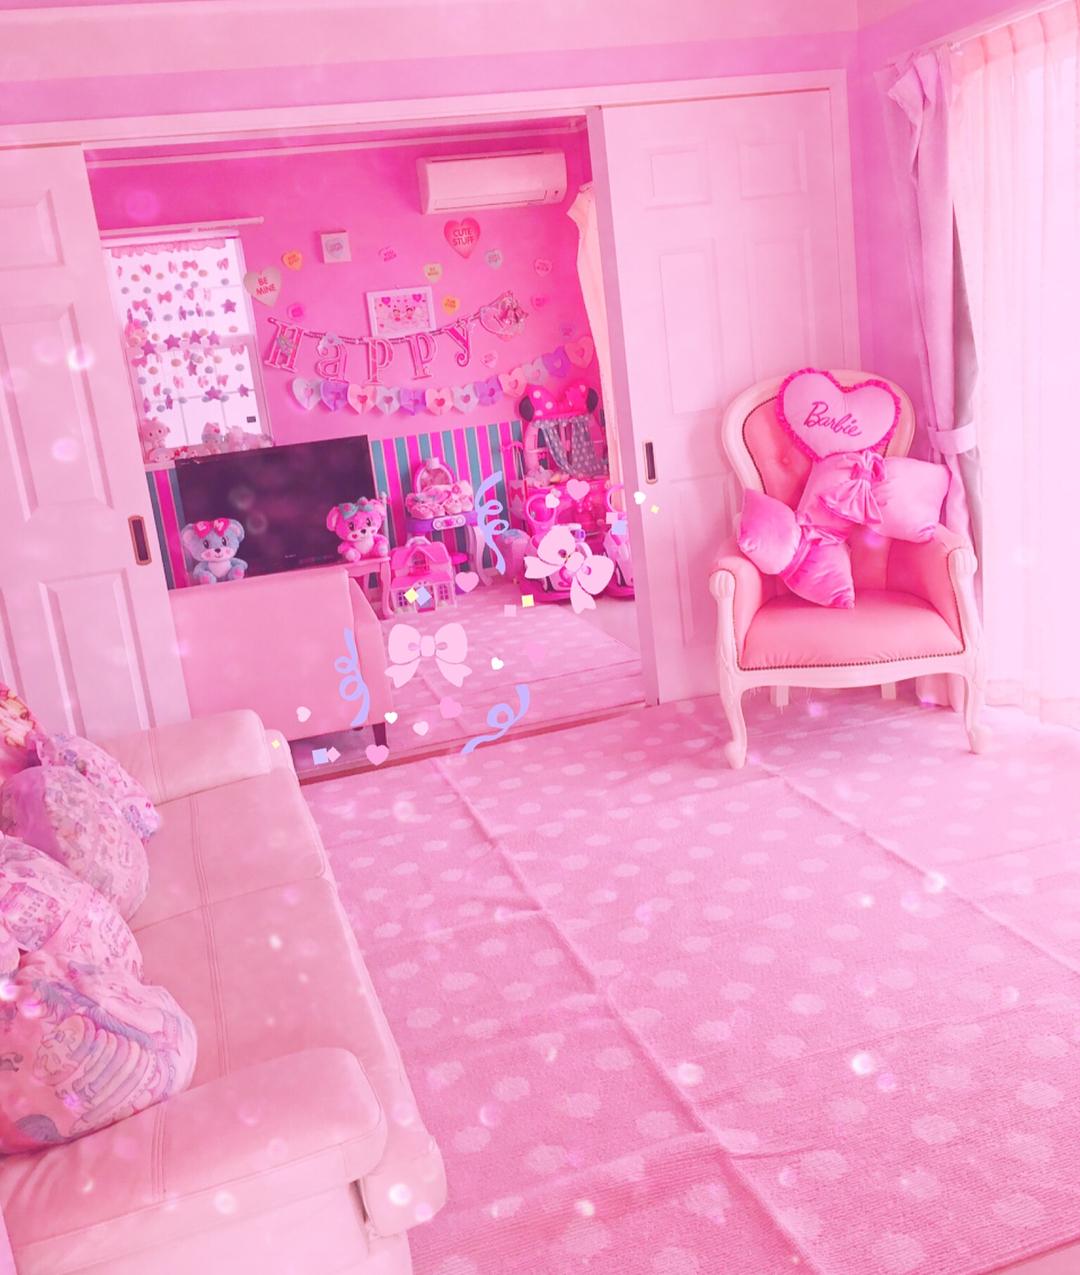 ゆめかわいい部屋に住みたい 100均アイテムでプチプラゆめかわ部屋の作り方